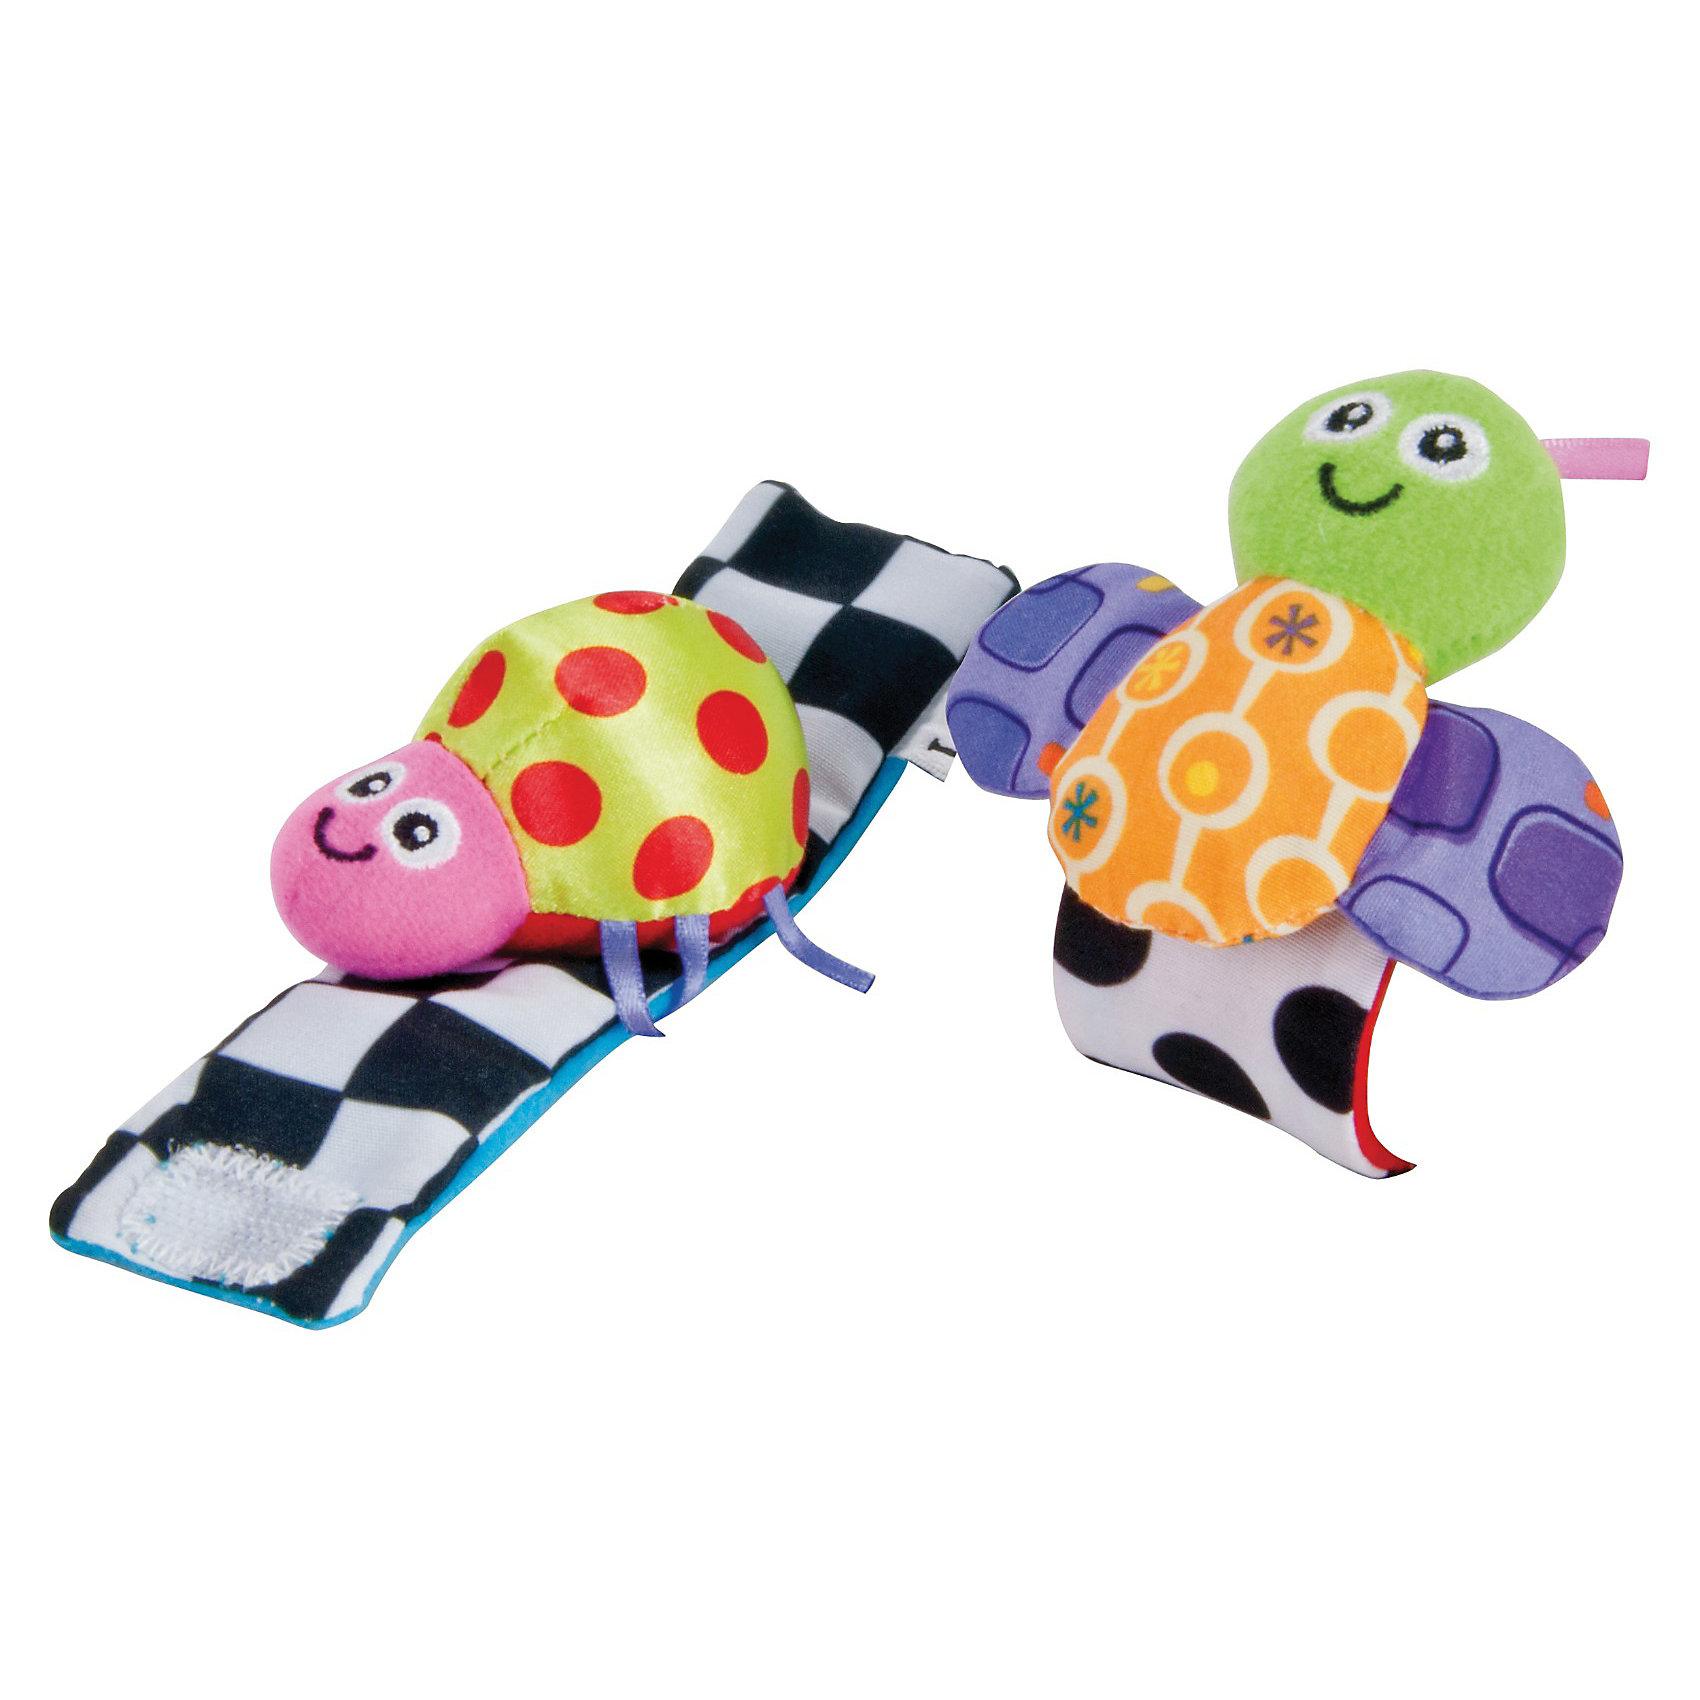 Погремушка-браслет, LamazeЯркий контрастный браслет не только оригинальная игрушка. Он стимулирует психическое и физическое развитие малыша. Выполнен из разноцветных материалов различной фактуры, что позволяет развивать мелкую моторику, сенсорное и цветовое восприятие. Браслет изготовлен из высококачественных материалов безопасных для детей.<br><br>Дополнительная информация:<br><br>- Материал: текстиль.<br>- Размер: 7 x 15 x 3 см<br>- Цвет: разноцветный.<br>- Звуковые эффекты: погремушка.<br>- Застежка: липучка.<br>- Комплектация: 2 браслета. <br><br>Погремушку-браслет, Lamaze можно купить в нашем магазине.<br><br>Ширина мм: 152<br>Глубина мм: 147<br>Высота мм: 48<br>Вес г: 36<br>Возраст от месяцев: 3<br>Возраст до месяцев: 10<br>Пол: Унисекс<br>Возраст: Детский<br>SKU: 2311213